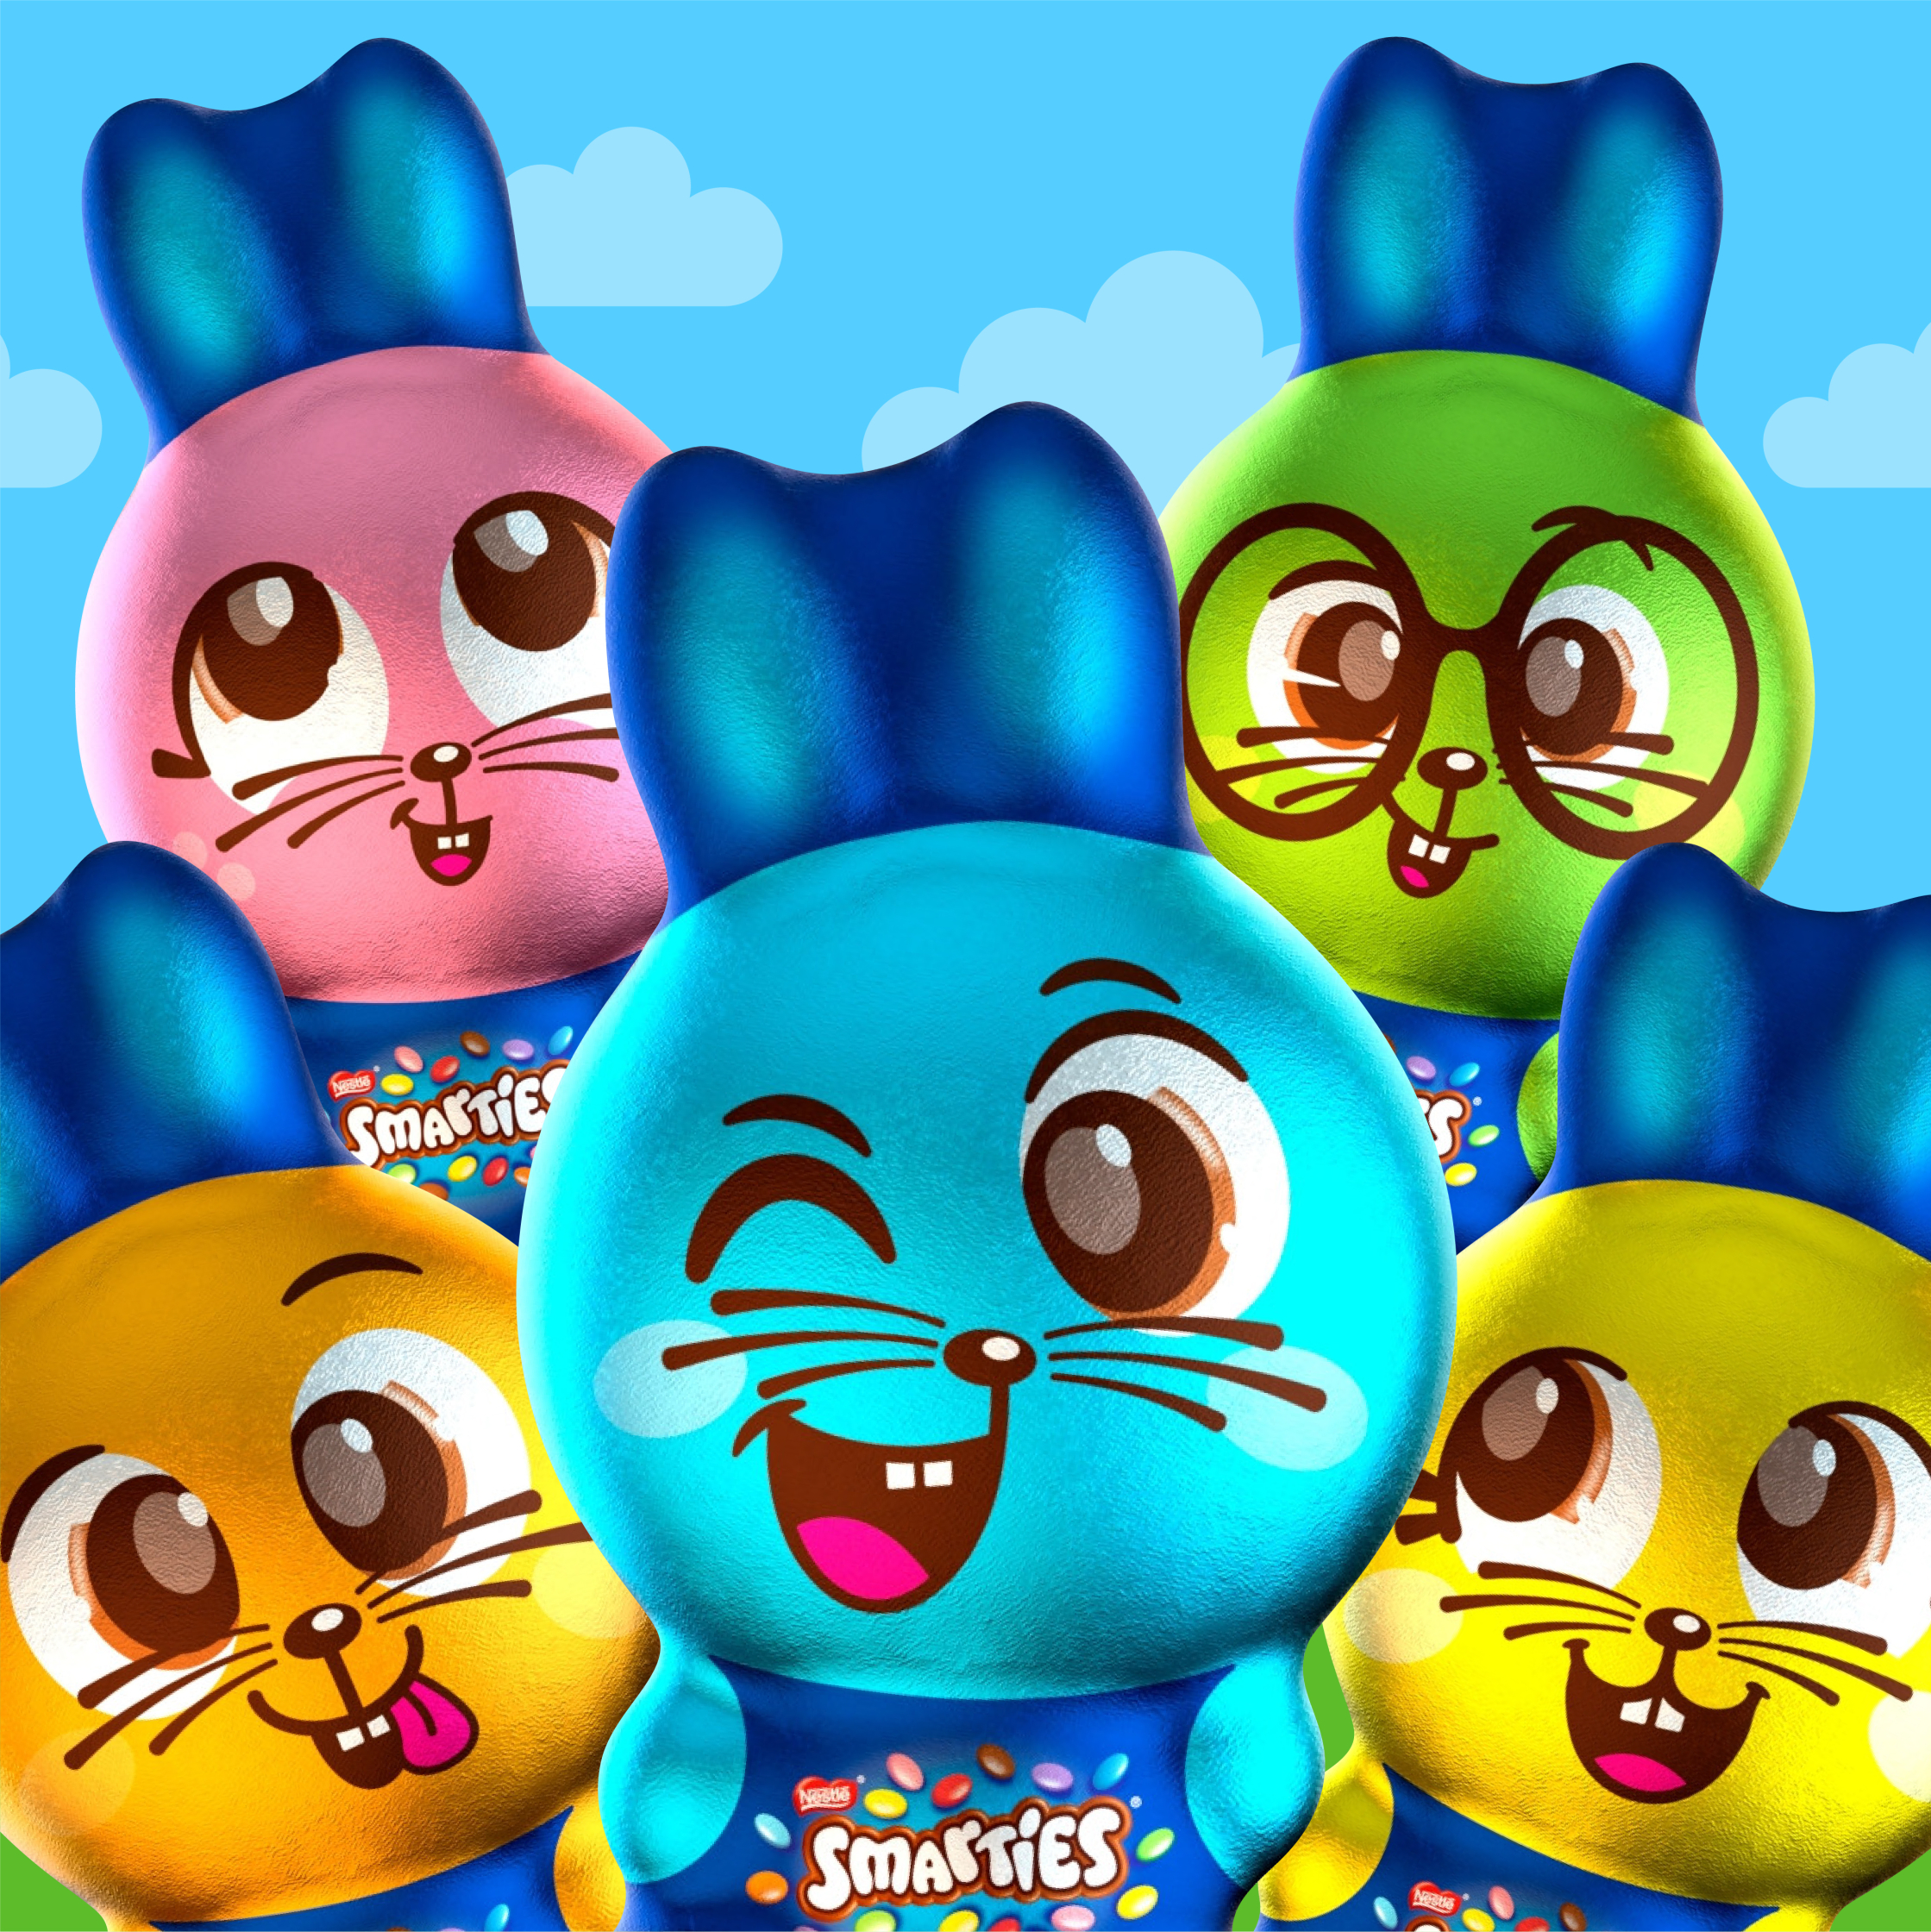 smarties_bunnies_insta-01.jpg